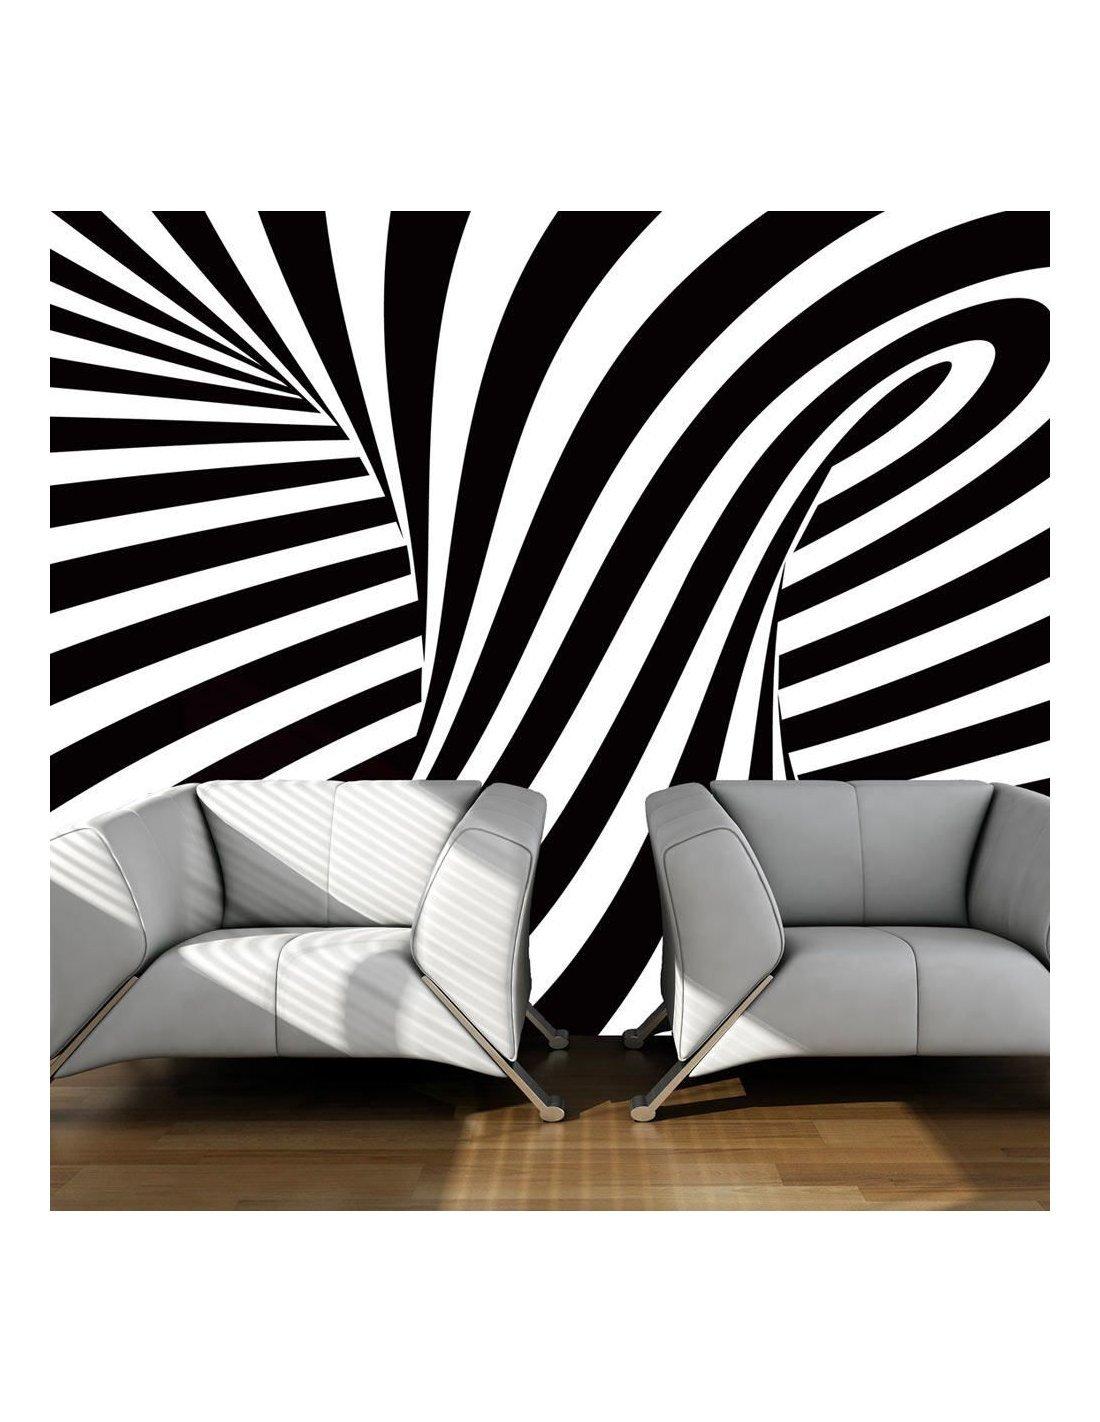 papier peint art optique noir et blanc 89 90 chez recollection. Black Bedroom Furniture Sets. Home Design Ideas